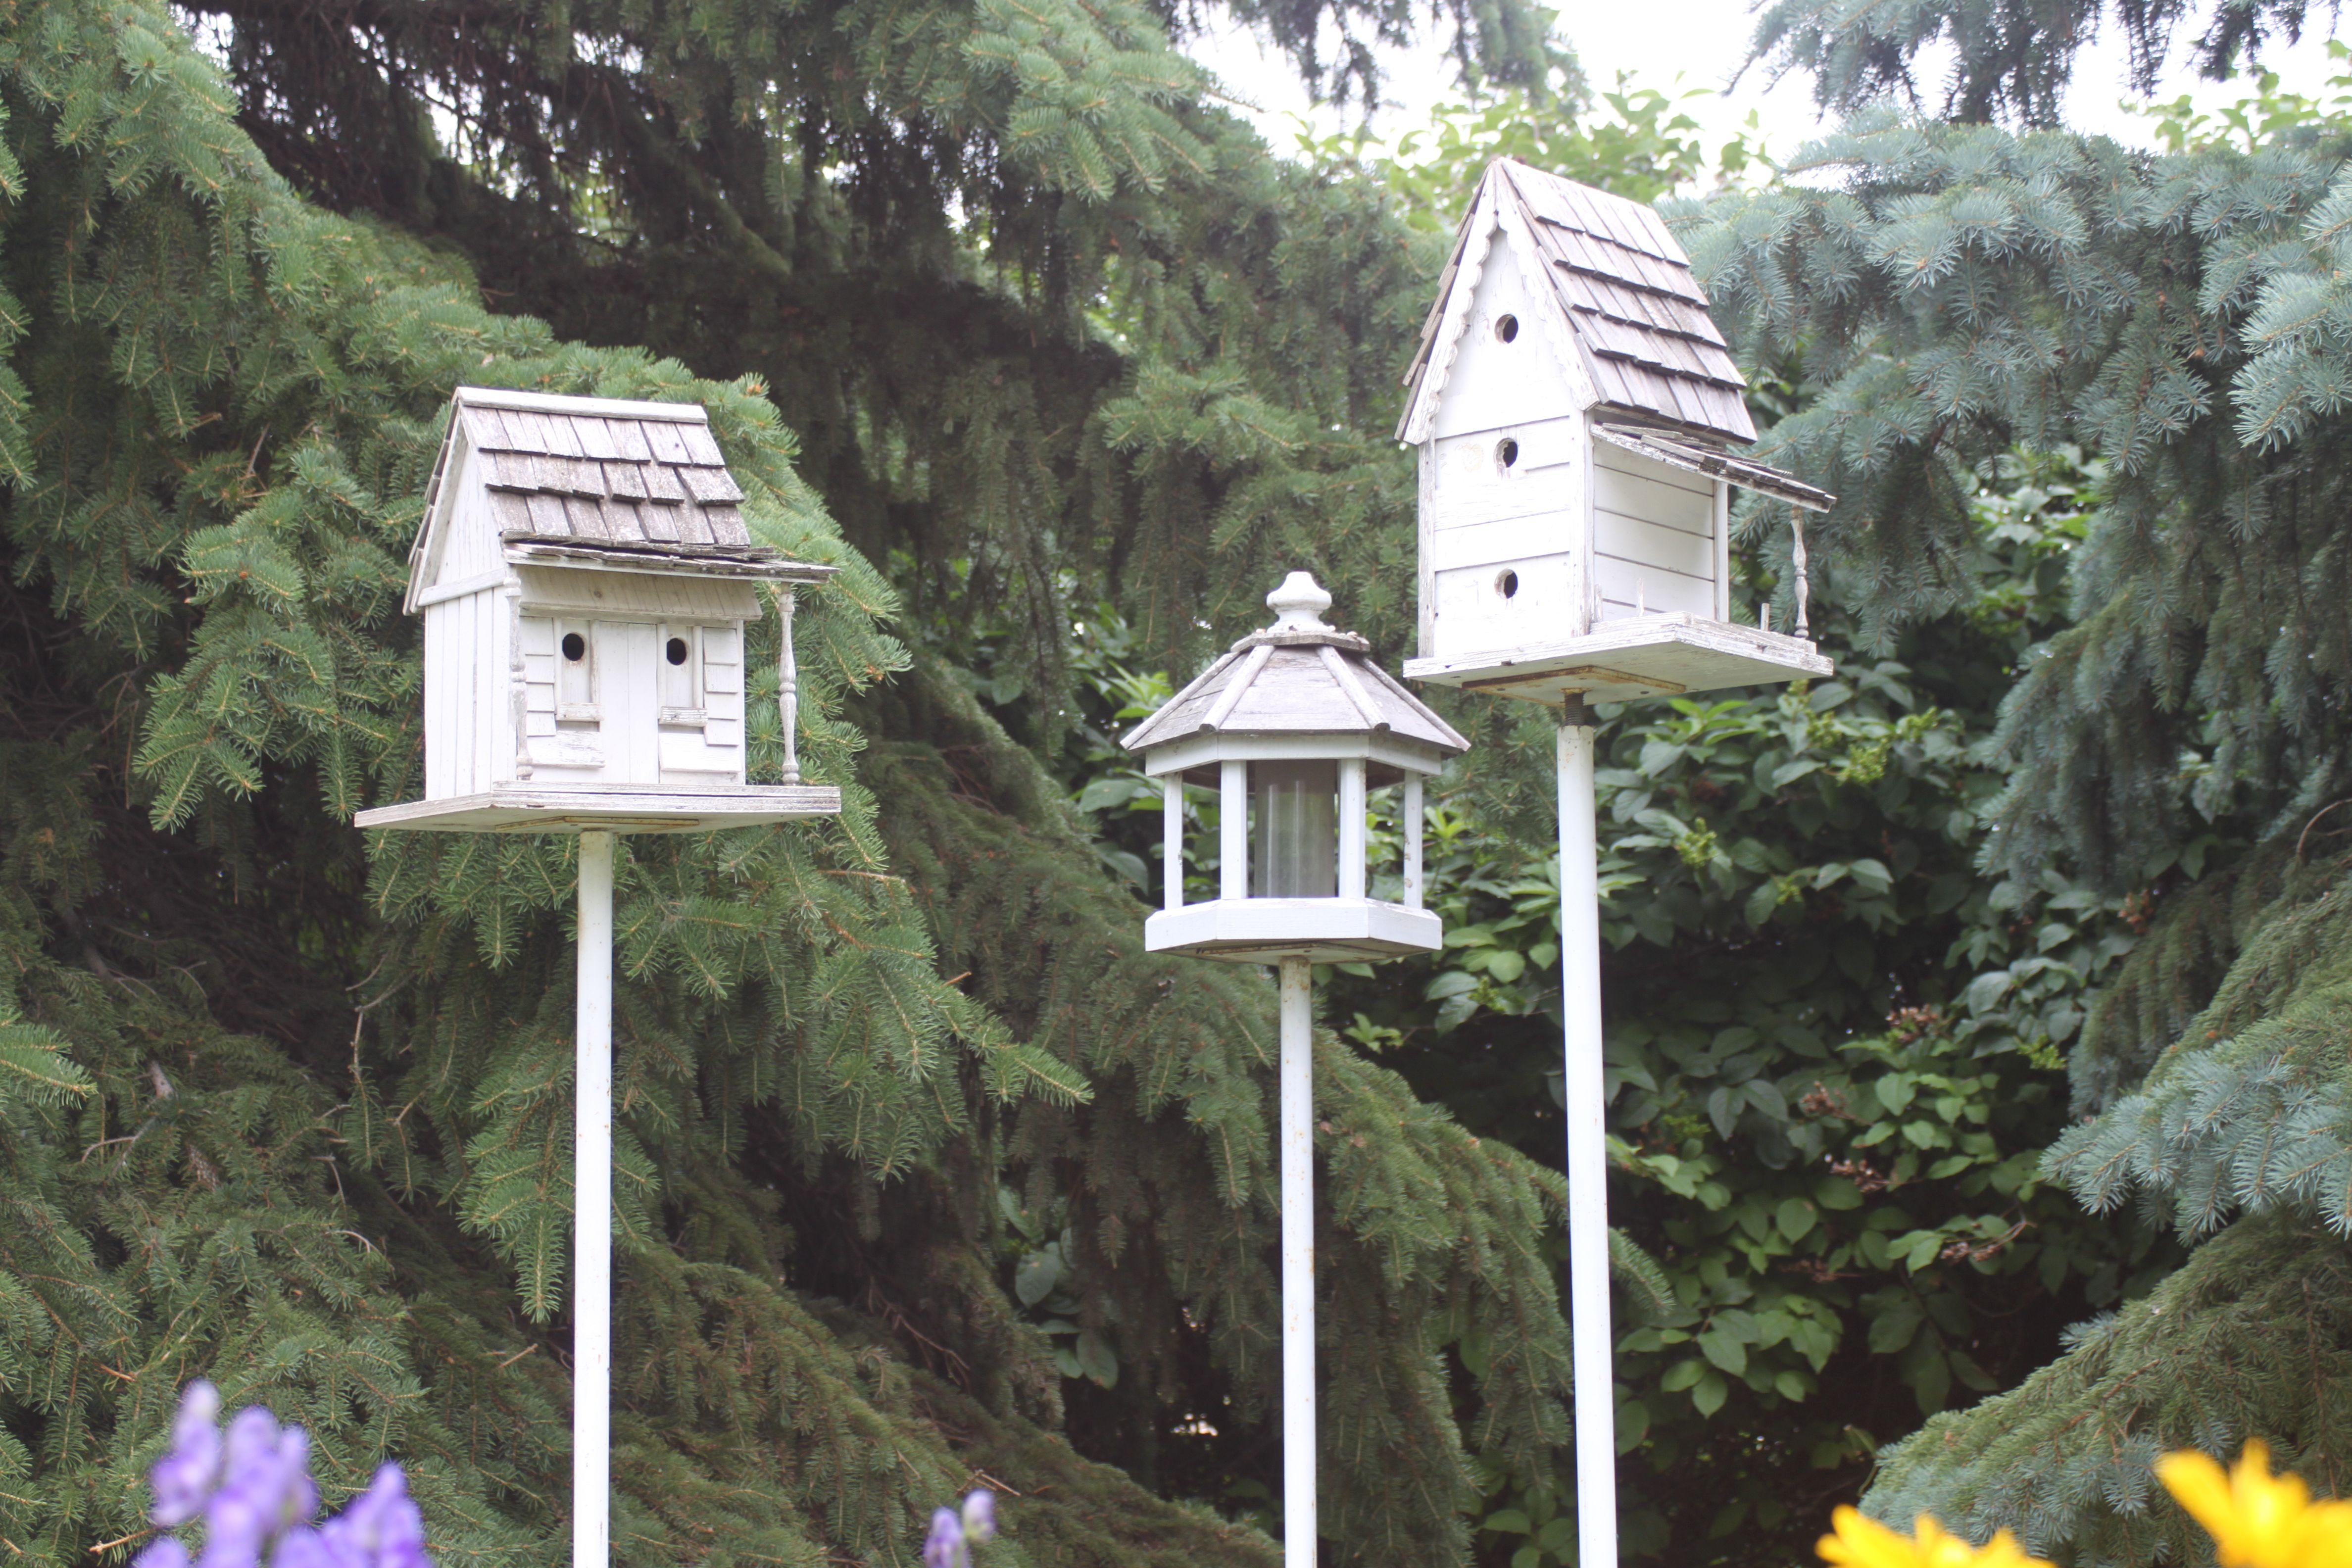 rabbithill bird houses